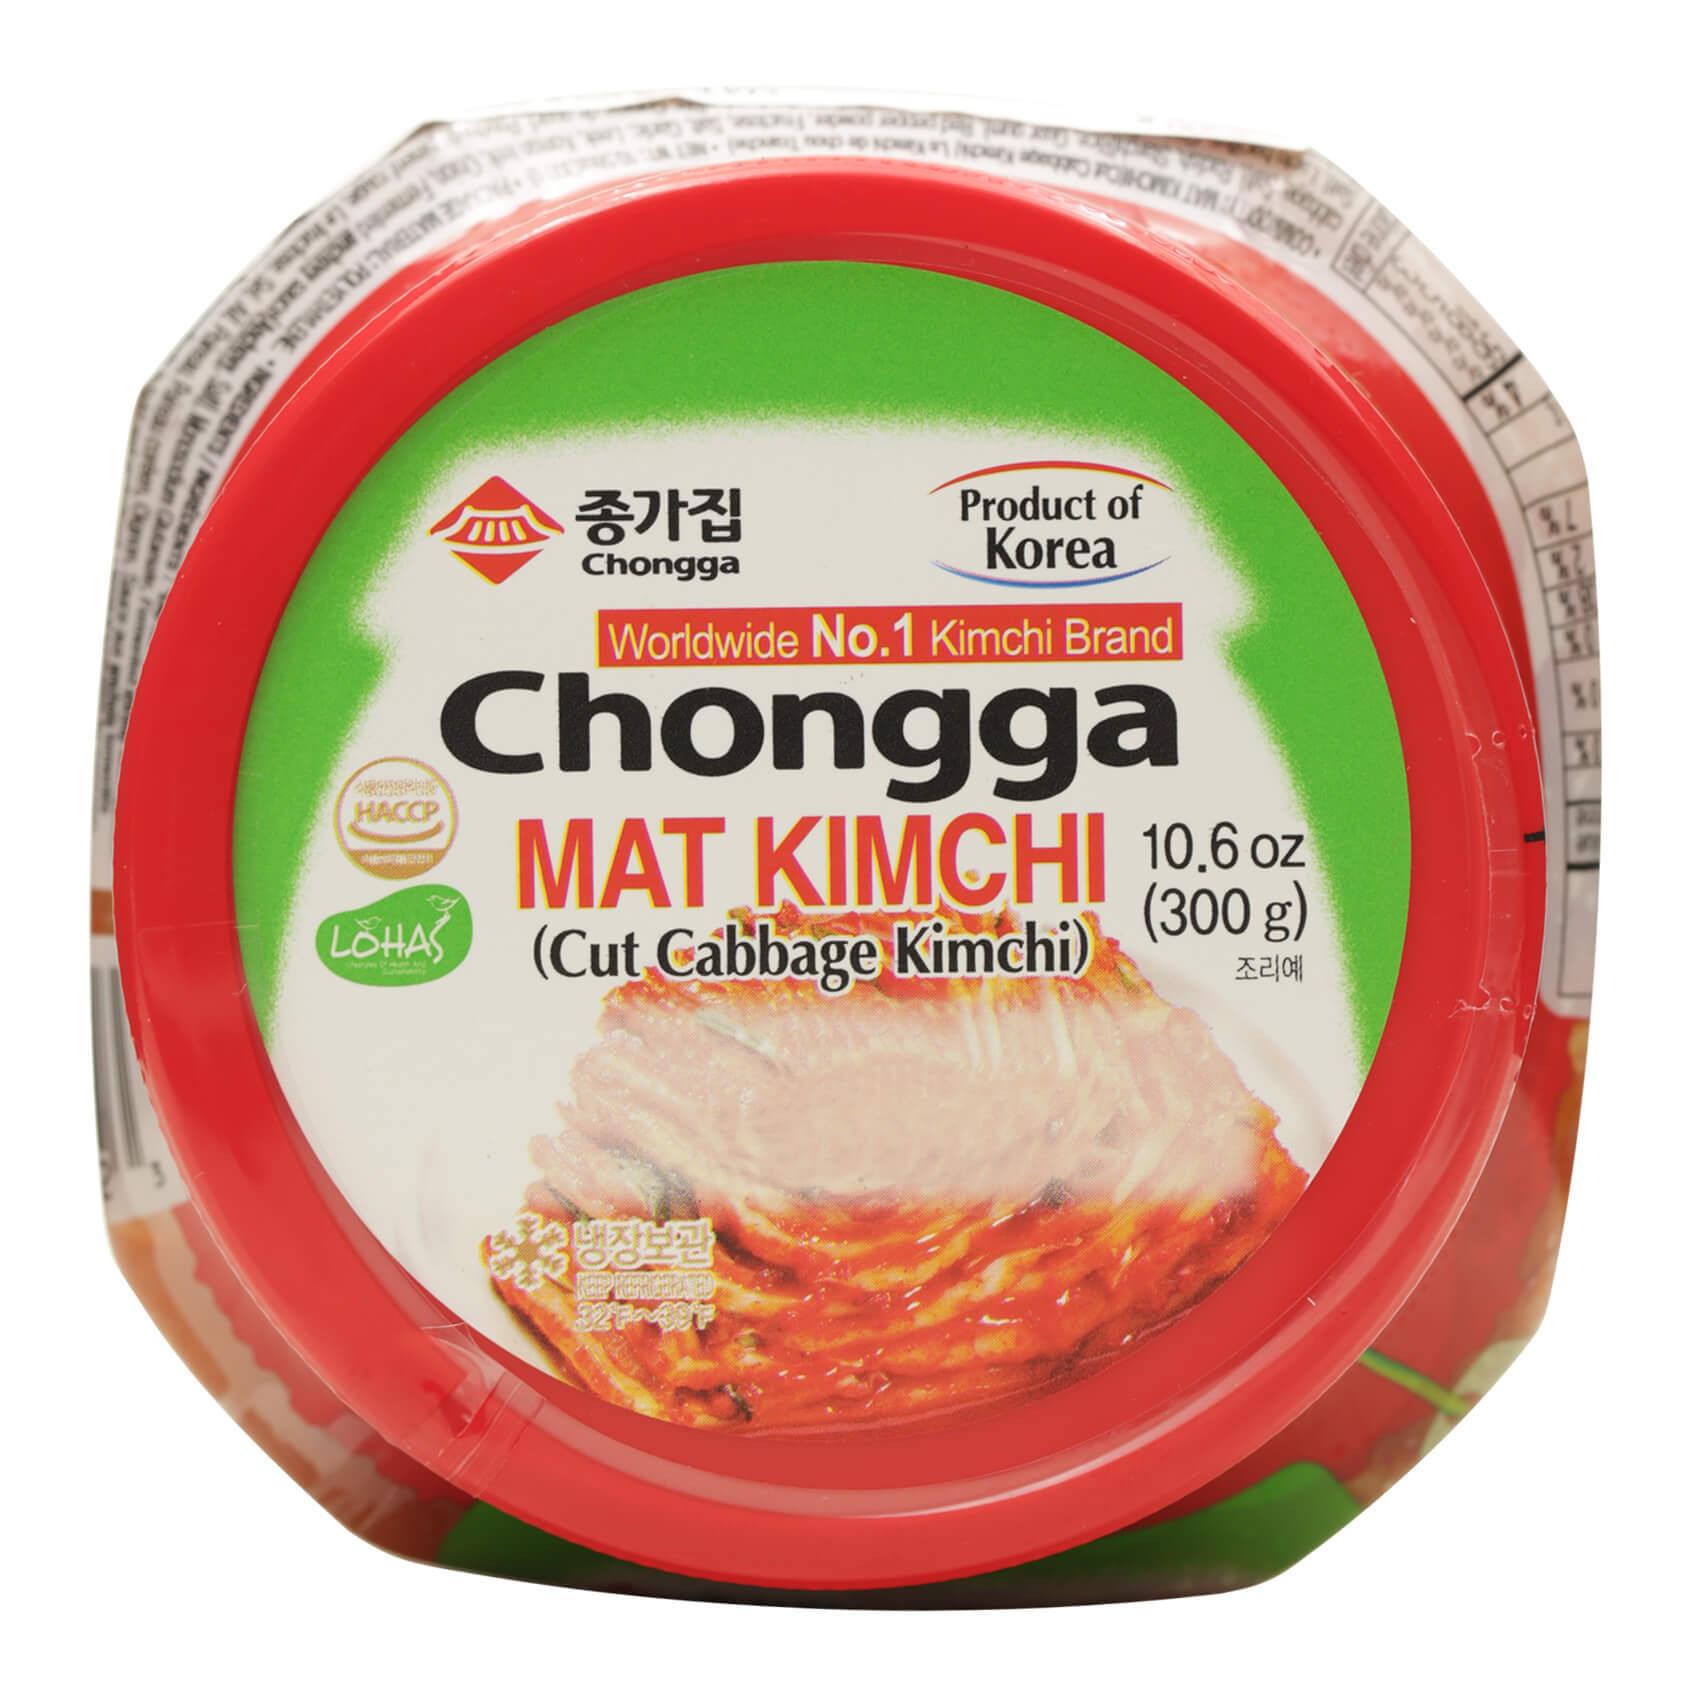 CHONGGA CHOPPED CABBAGE KIMCHI 300G